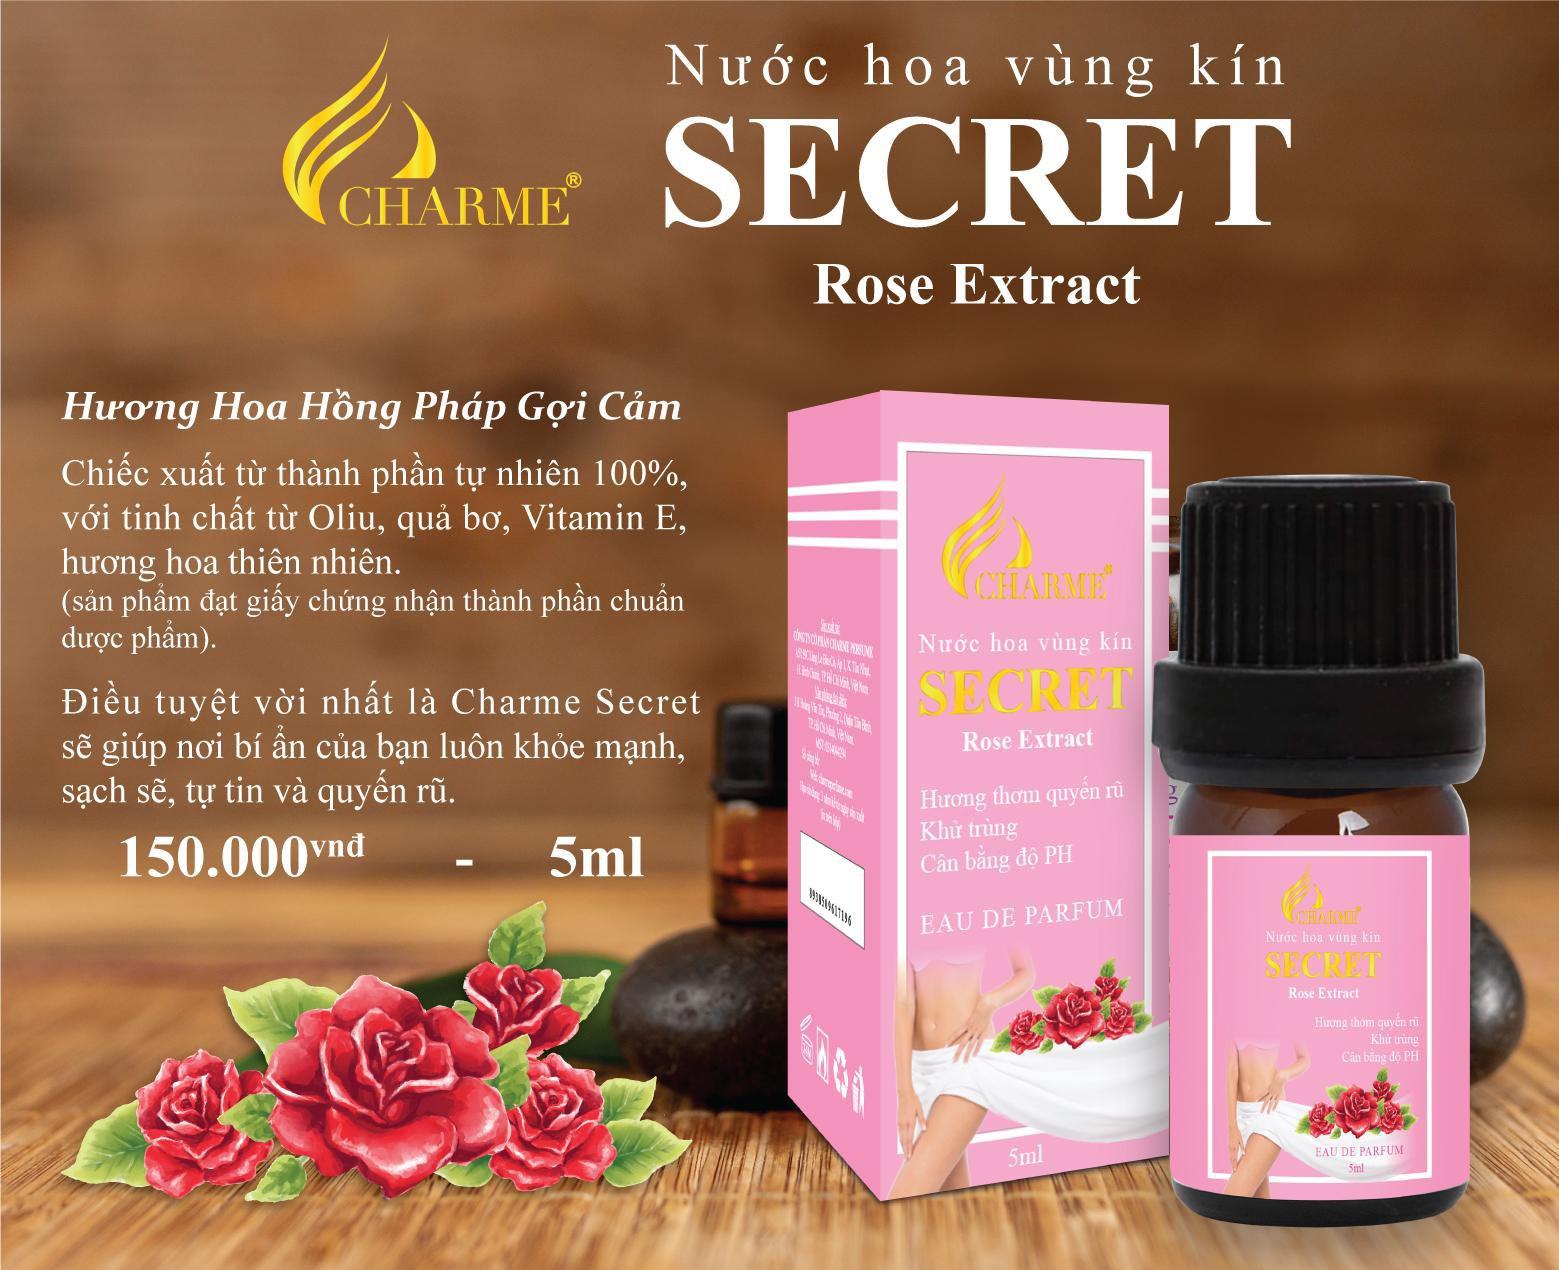 Charme - Secret Rose 5ml - Nước hoa vùng kín